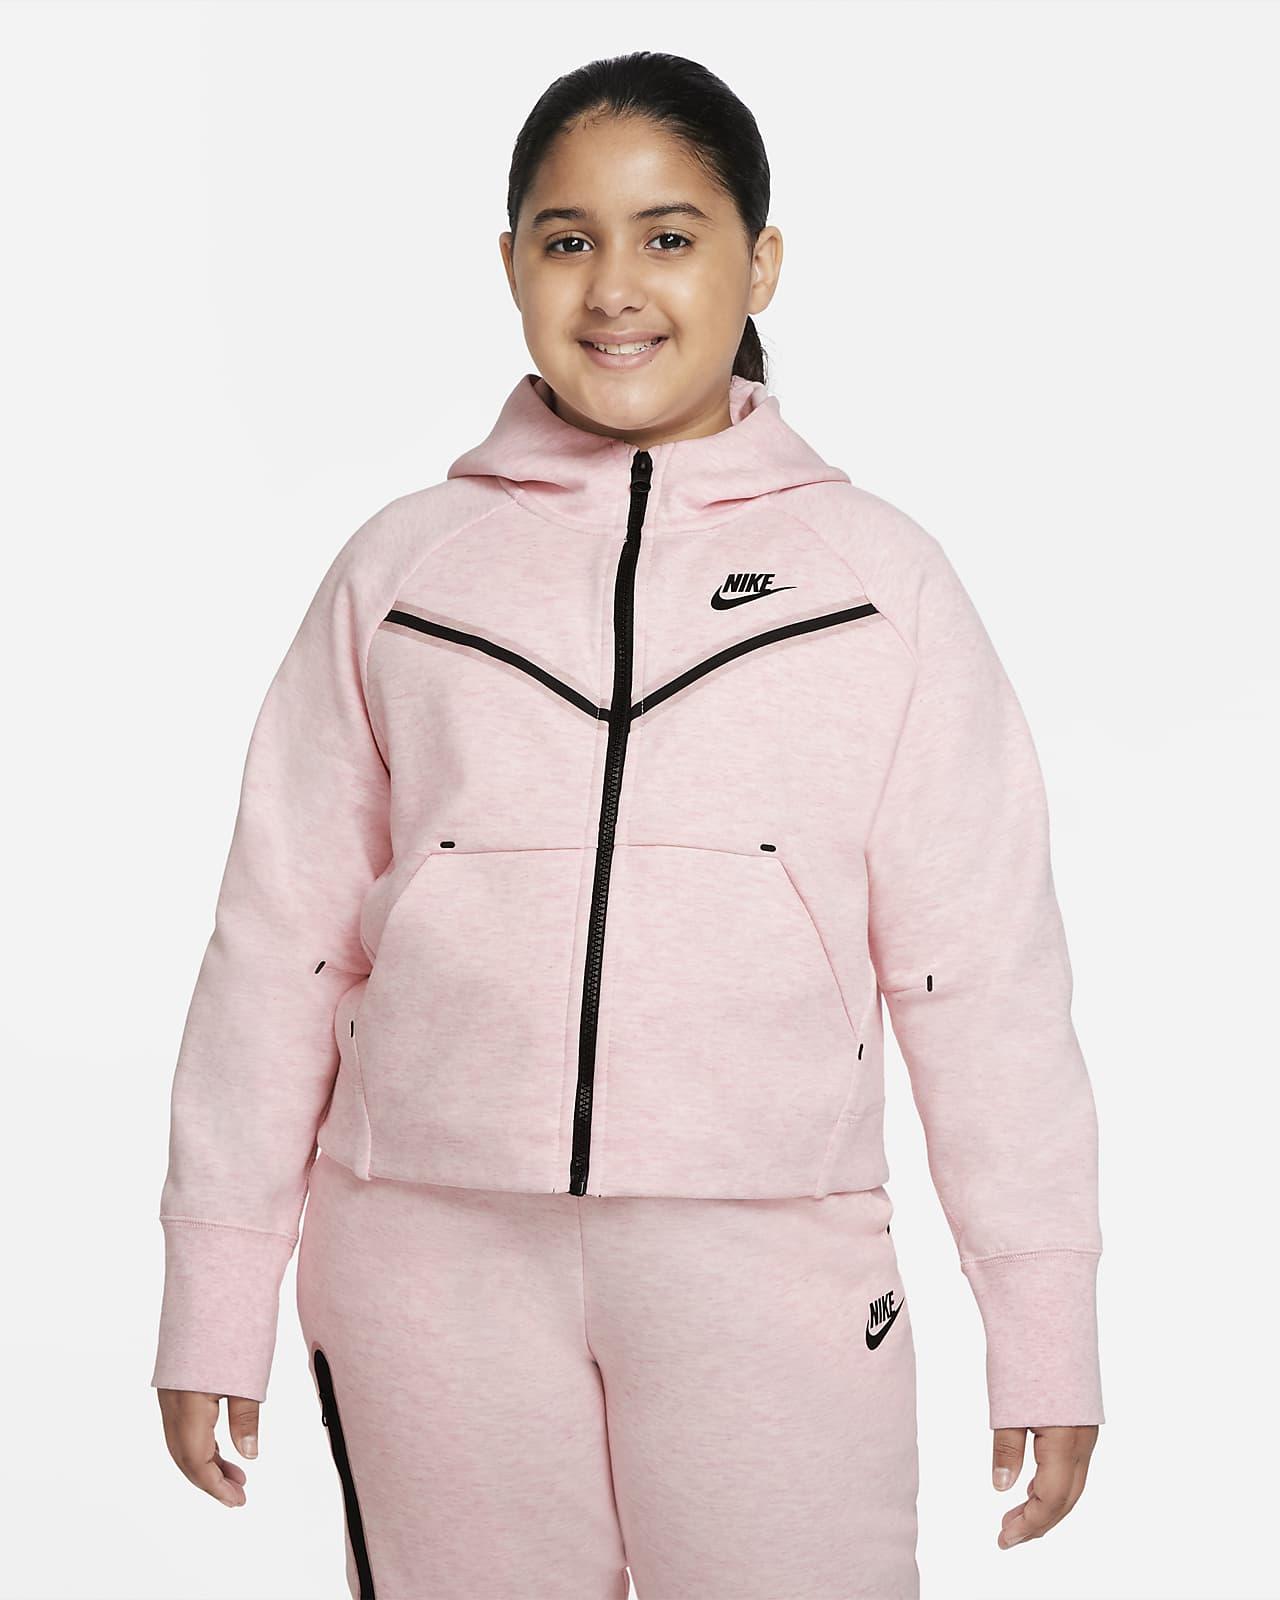 Nike Sportswear Tech Fleece Windrunner Big Kids' (Girls') Full-Zip Hoodie (Extended Size)